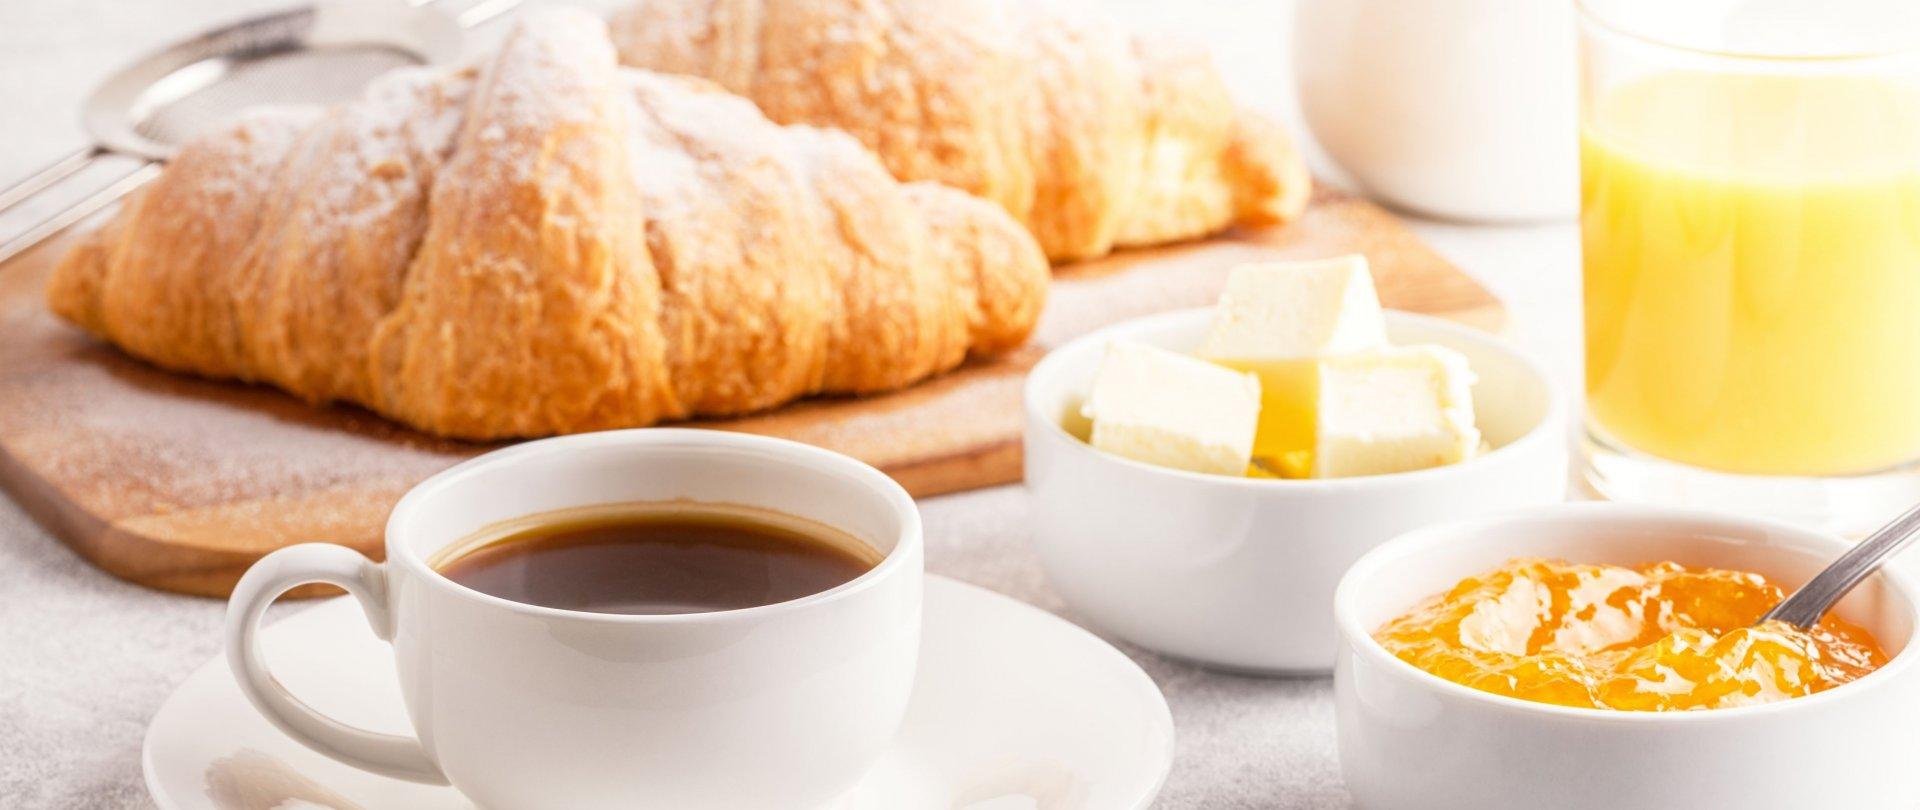 Cena dnia ze śniadaniem - oferta elastyczna